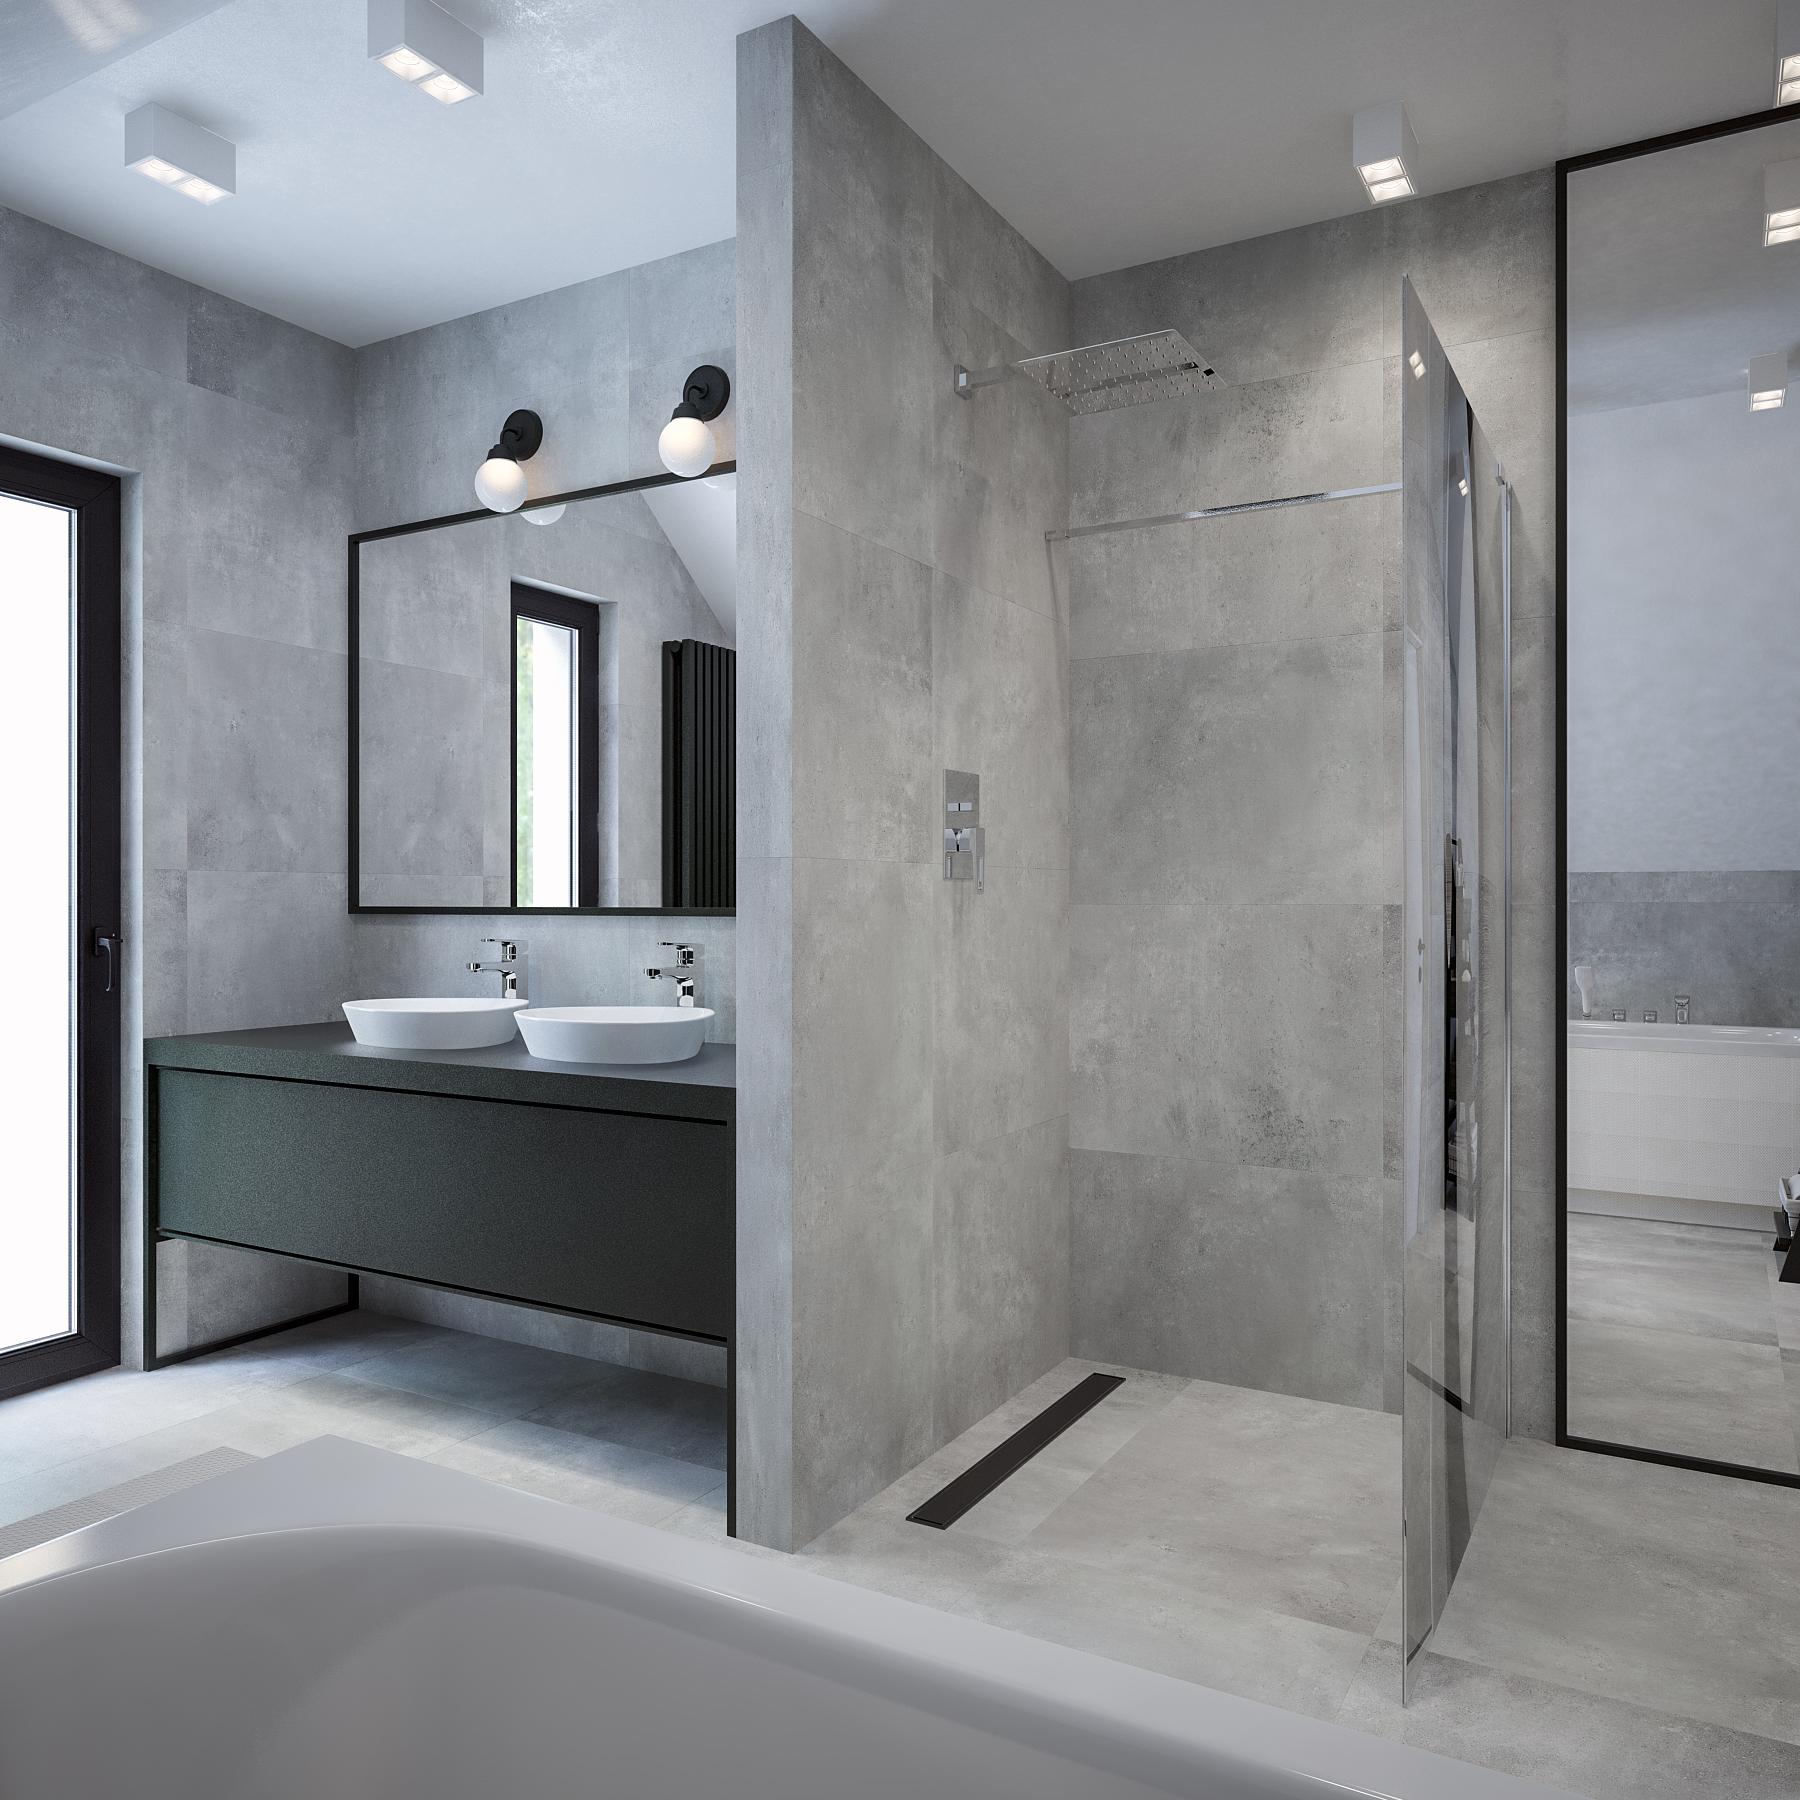 Łazienka – Modern w betonowych monolitach